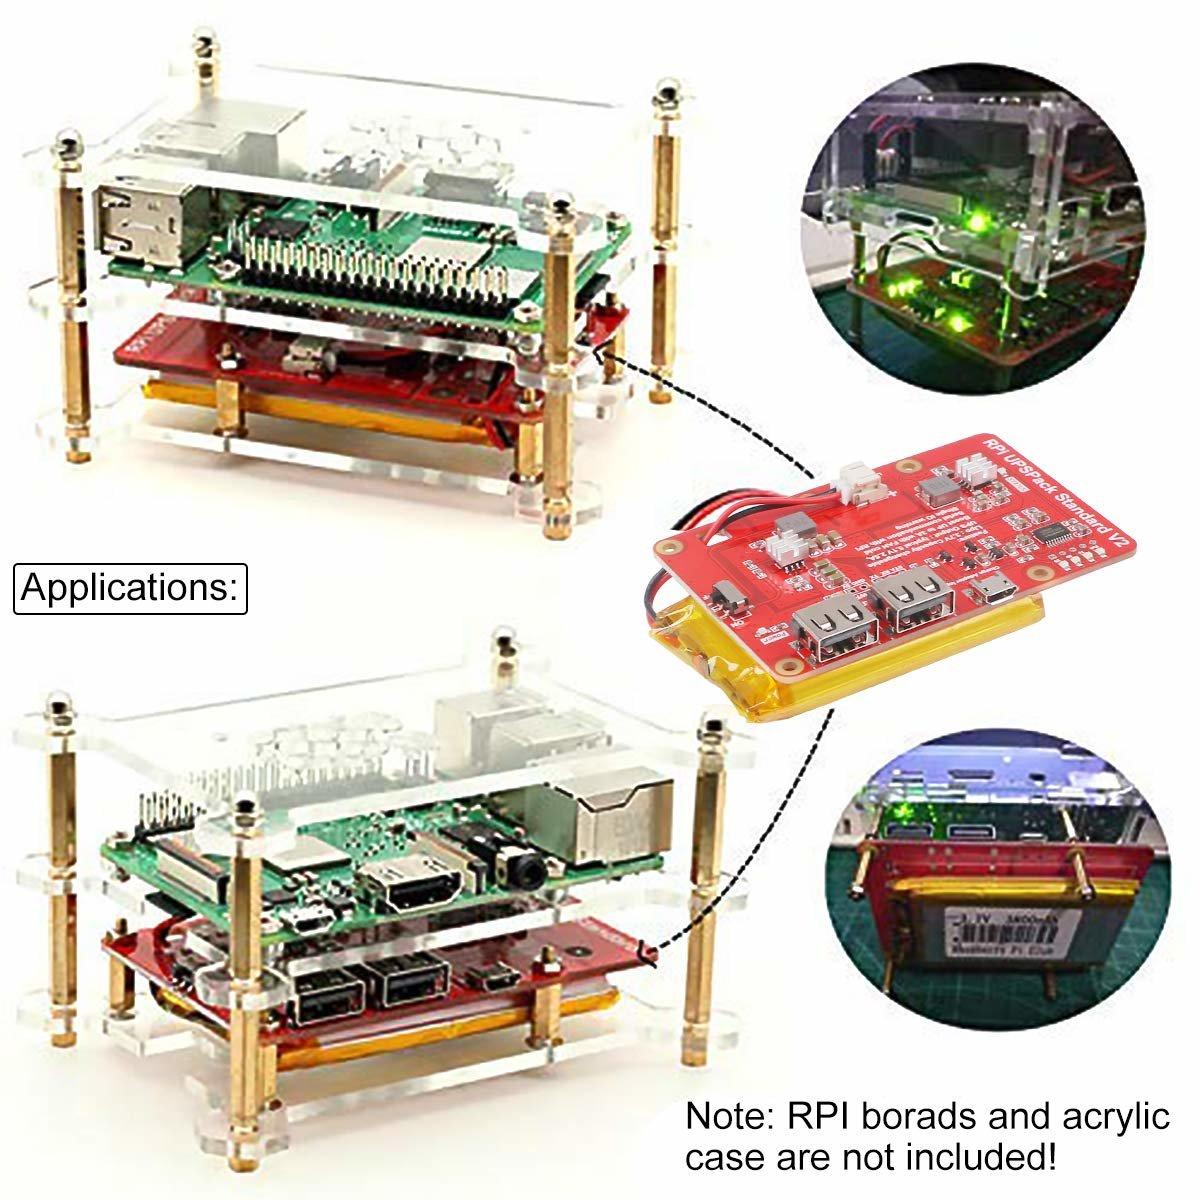 樹莓派 UPS 鋰電池擴充板 | USB 雙輸出電源供應模組 (V2)-preview-7